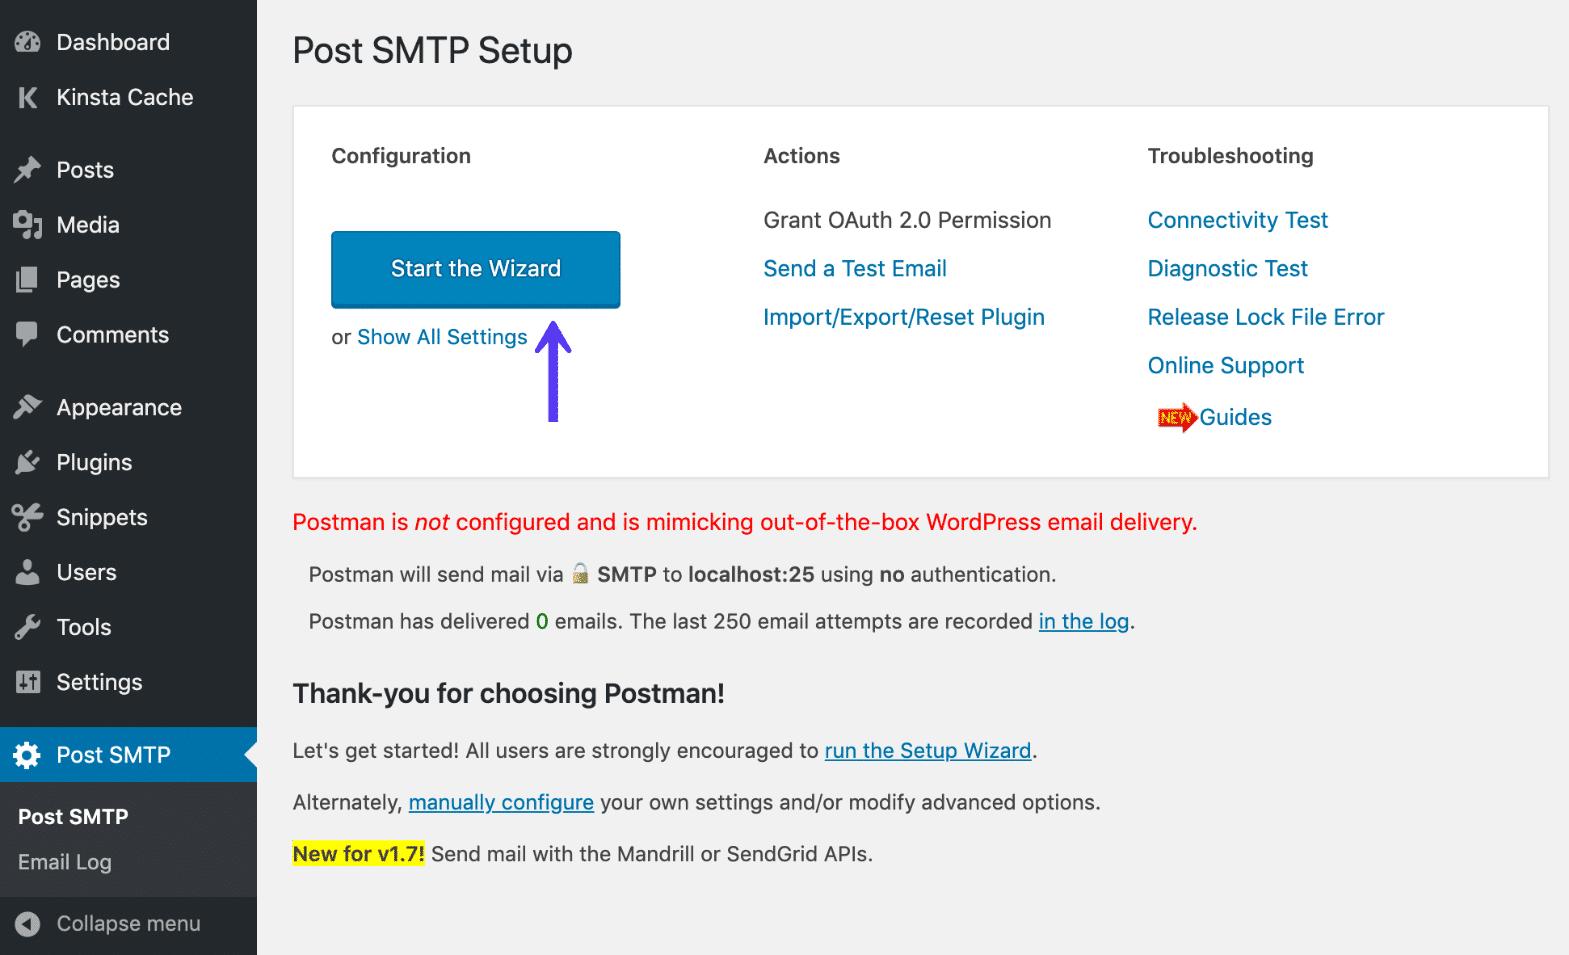 Configurador do Post SMTP